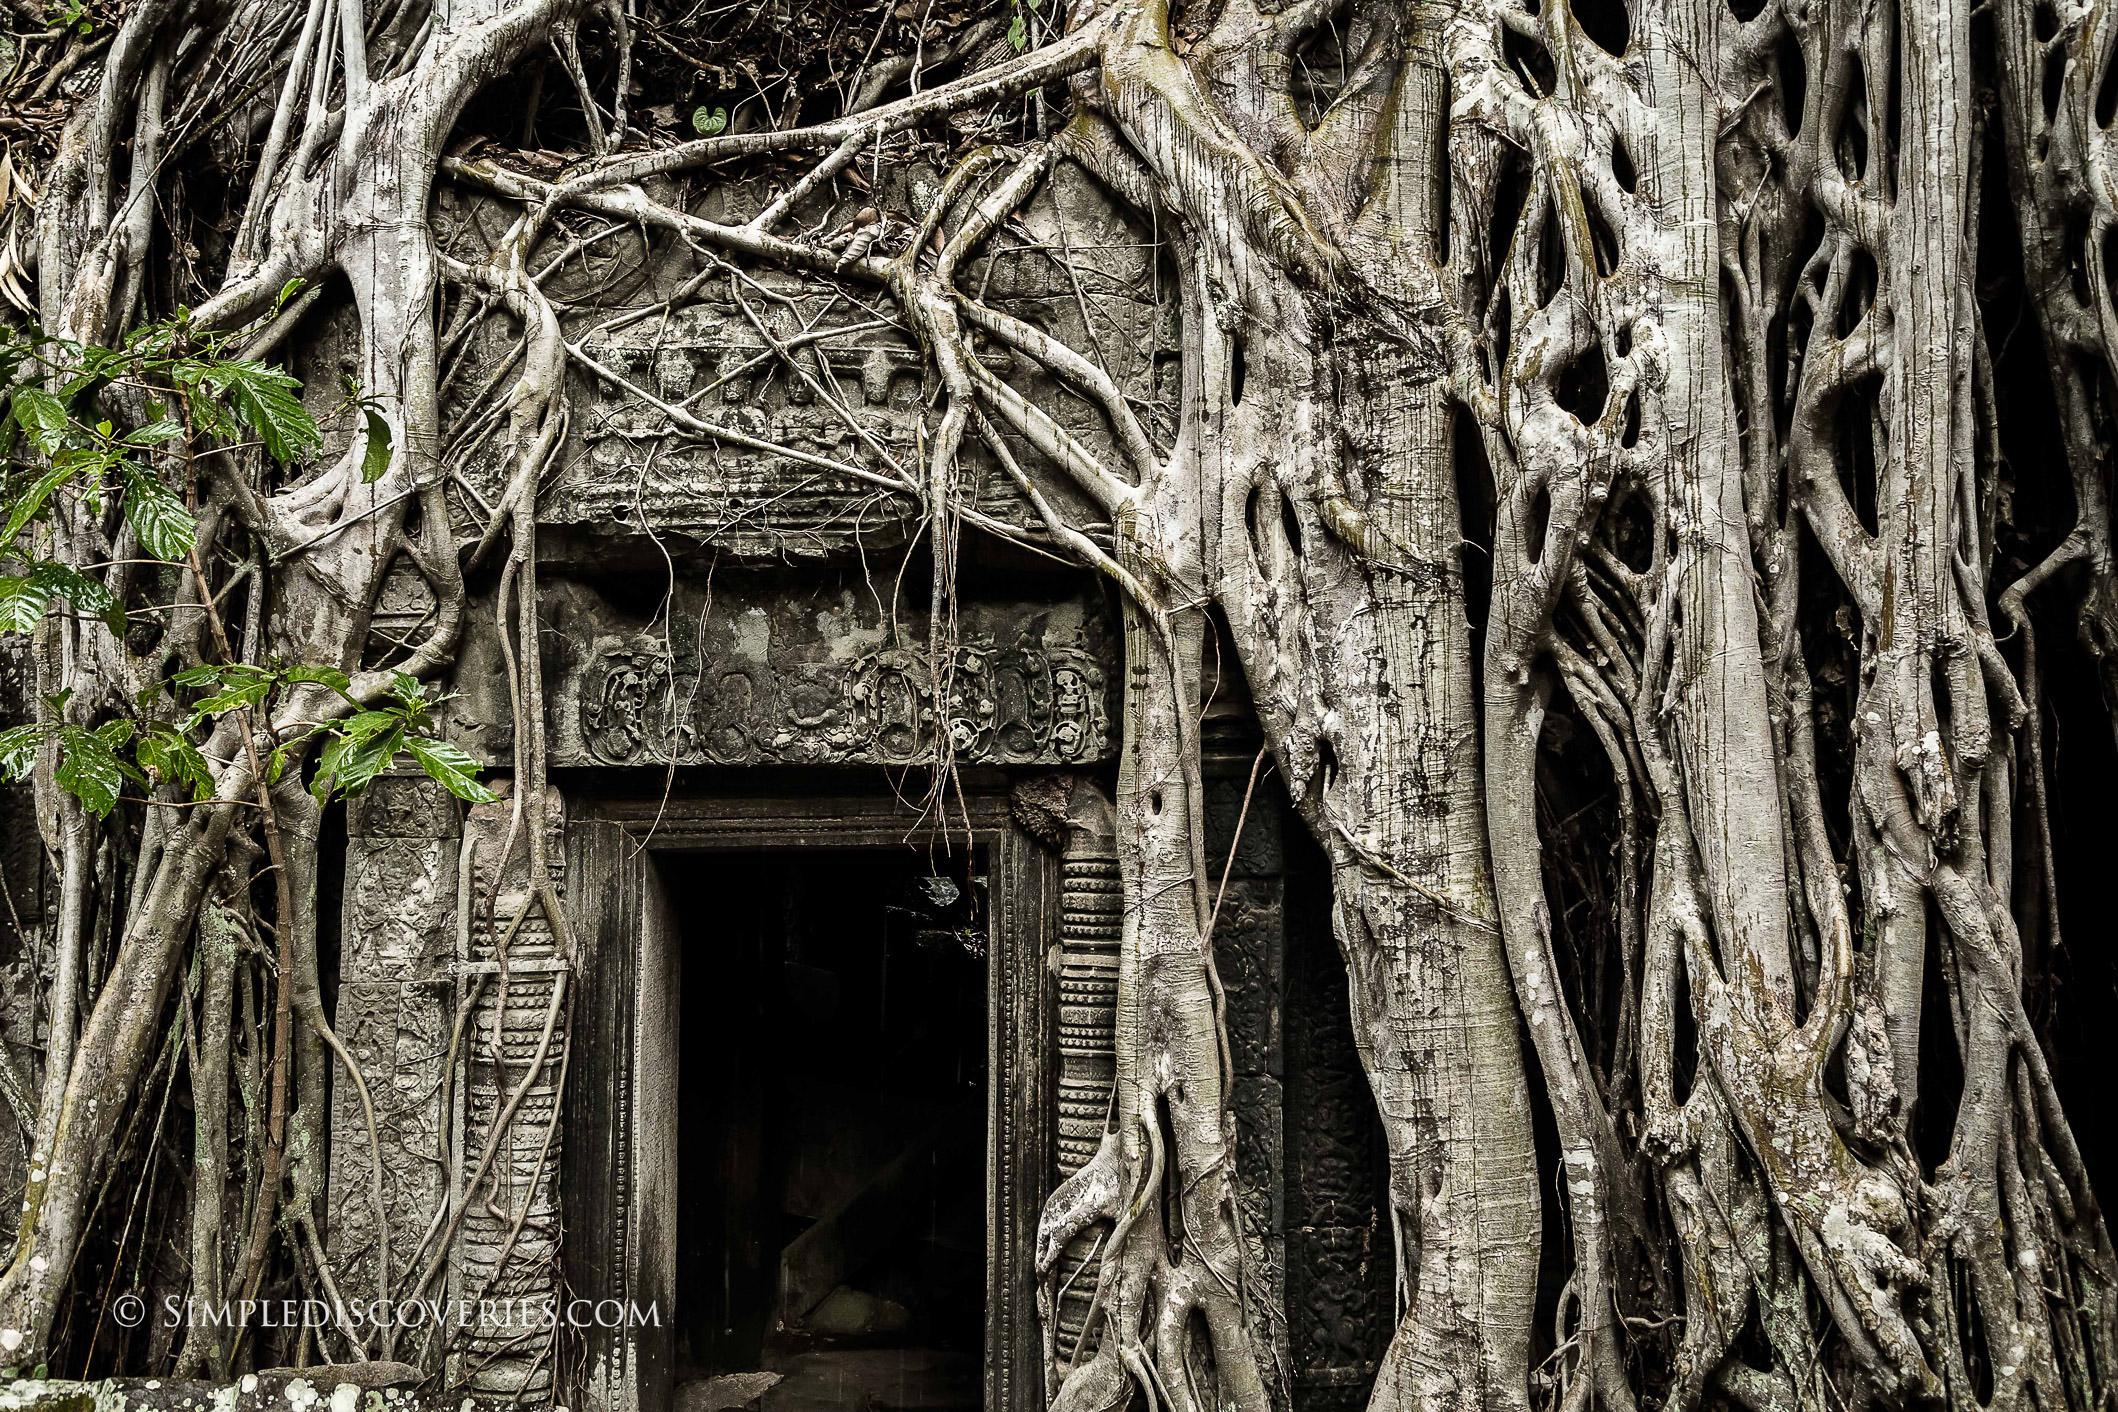 cambodia_ta_prohm_tomb_raider